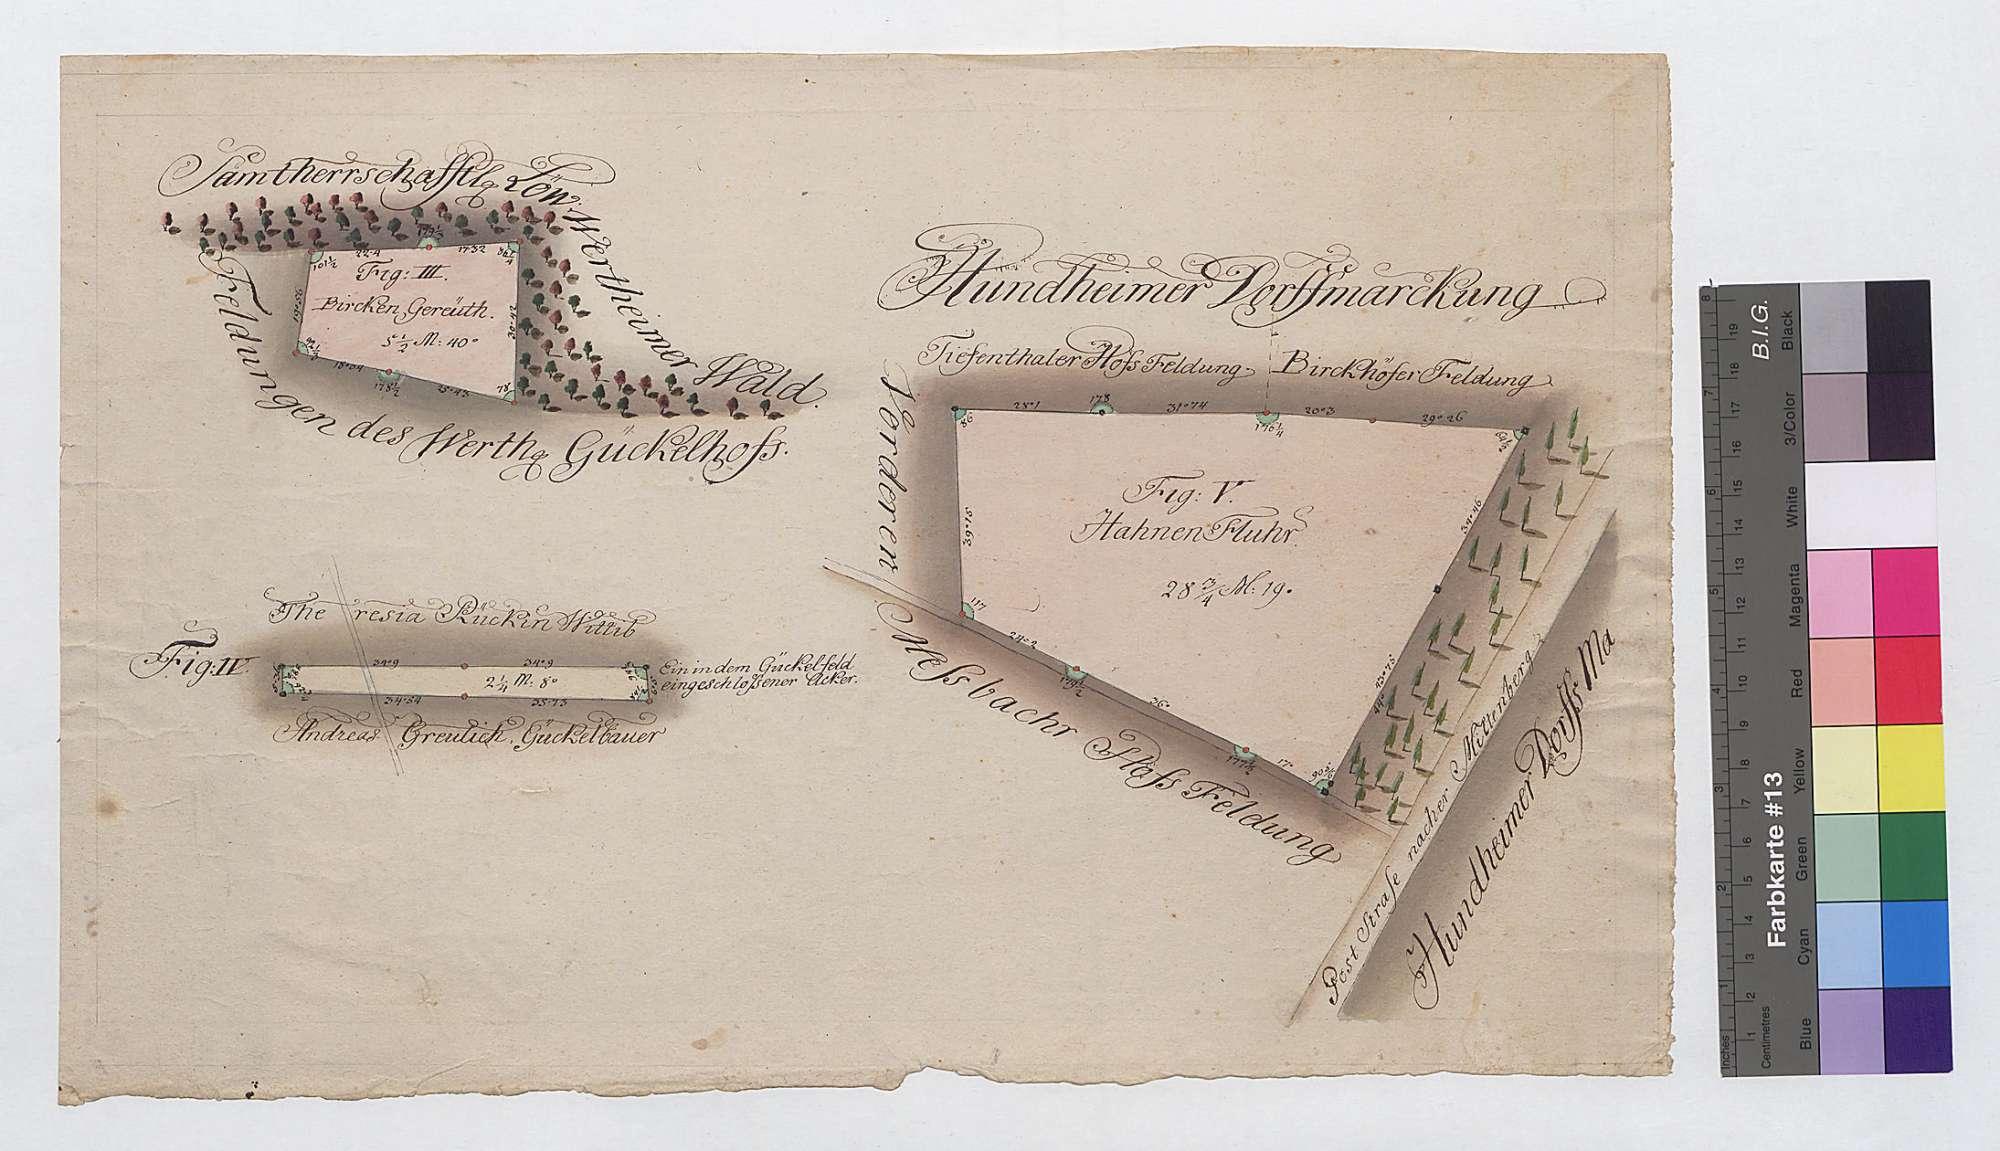 [Neuabsteinung einiger zum Hinteren Meßhof gehörenden Flurstücke:] Der sogenannte Gückel-Flur (Inselkarte), Birken-Gereut, Ein in dem Gückelfeld eingeschlossener Acker, Hahnen-Flur (Inselkarte), Bild 1